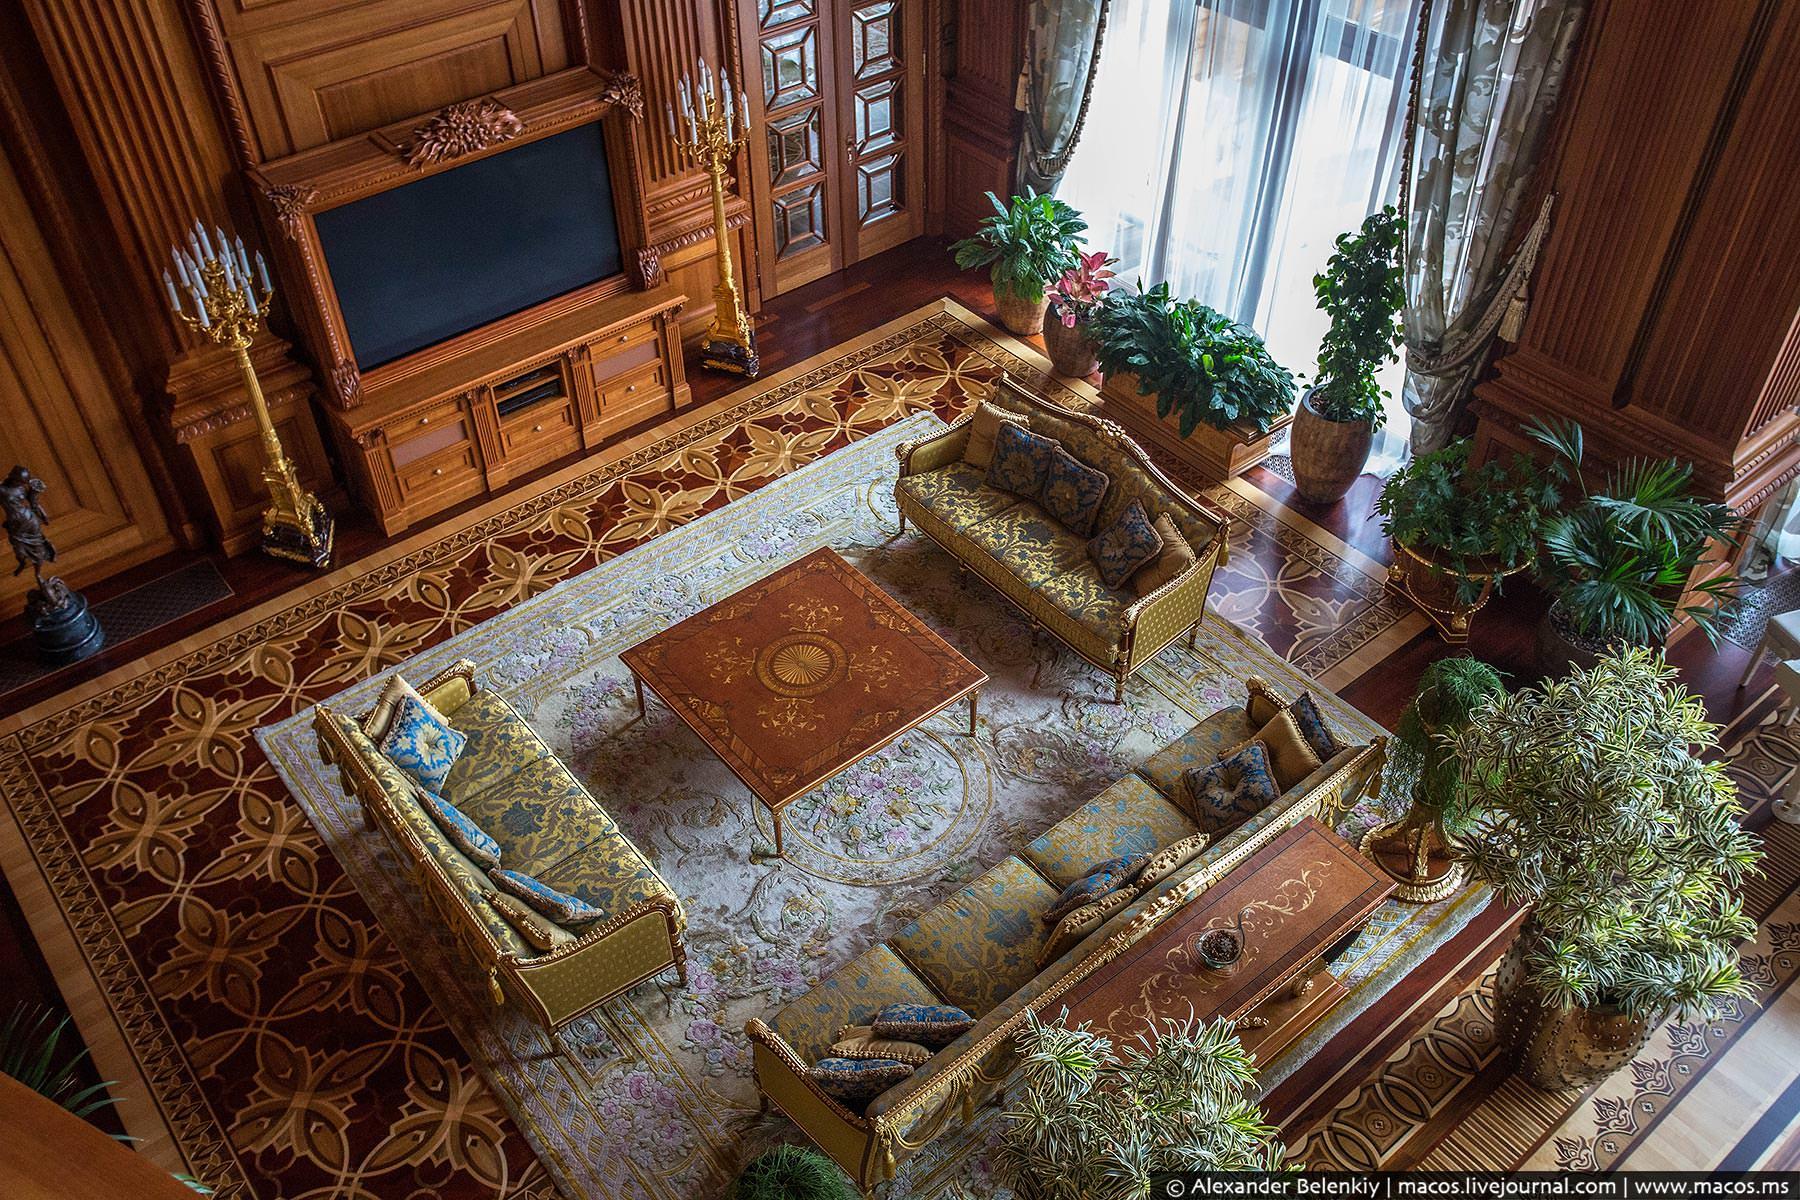 http://www.pravda-tv.ru/wp-content/uploads/2014/11/LR2014.10-UA-Residence-36.jpg